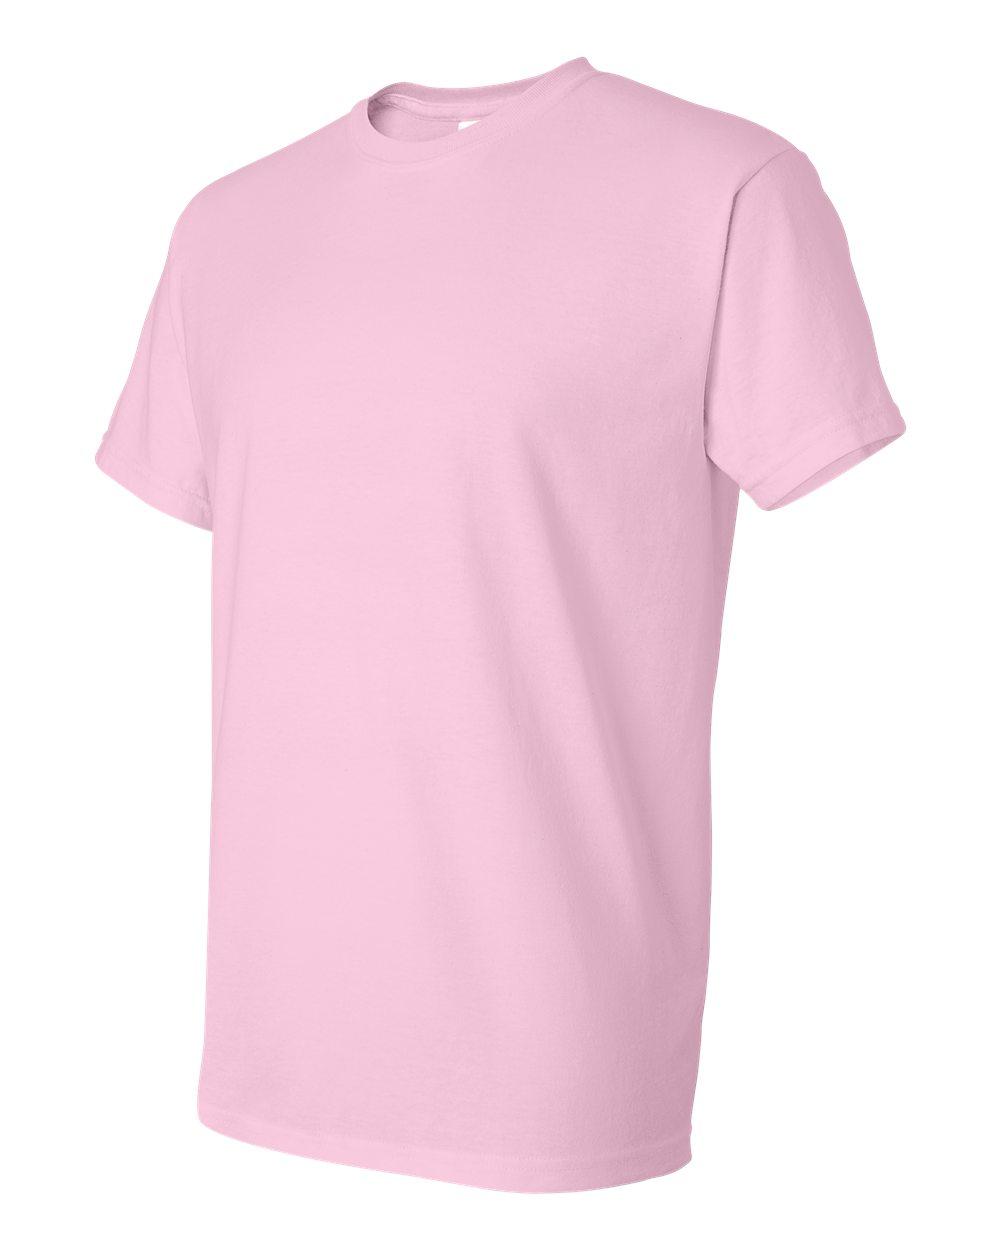 Gildan-Mens-DryBlend-5-6-oz-50-50-T-Shirt-G800-Size-S-5XL thumbnail 50